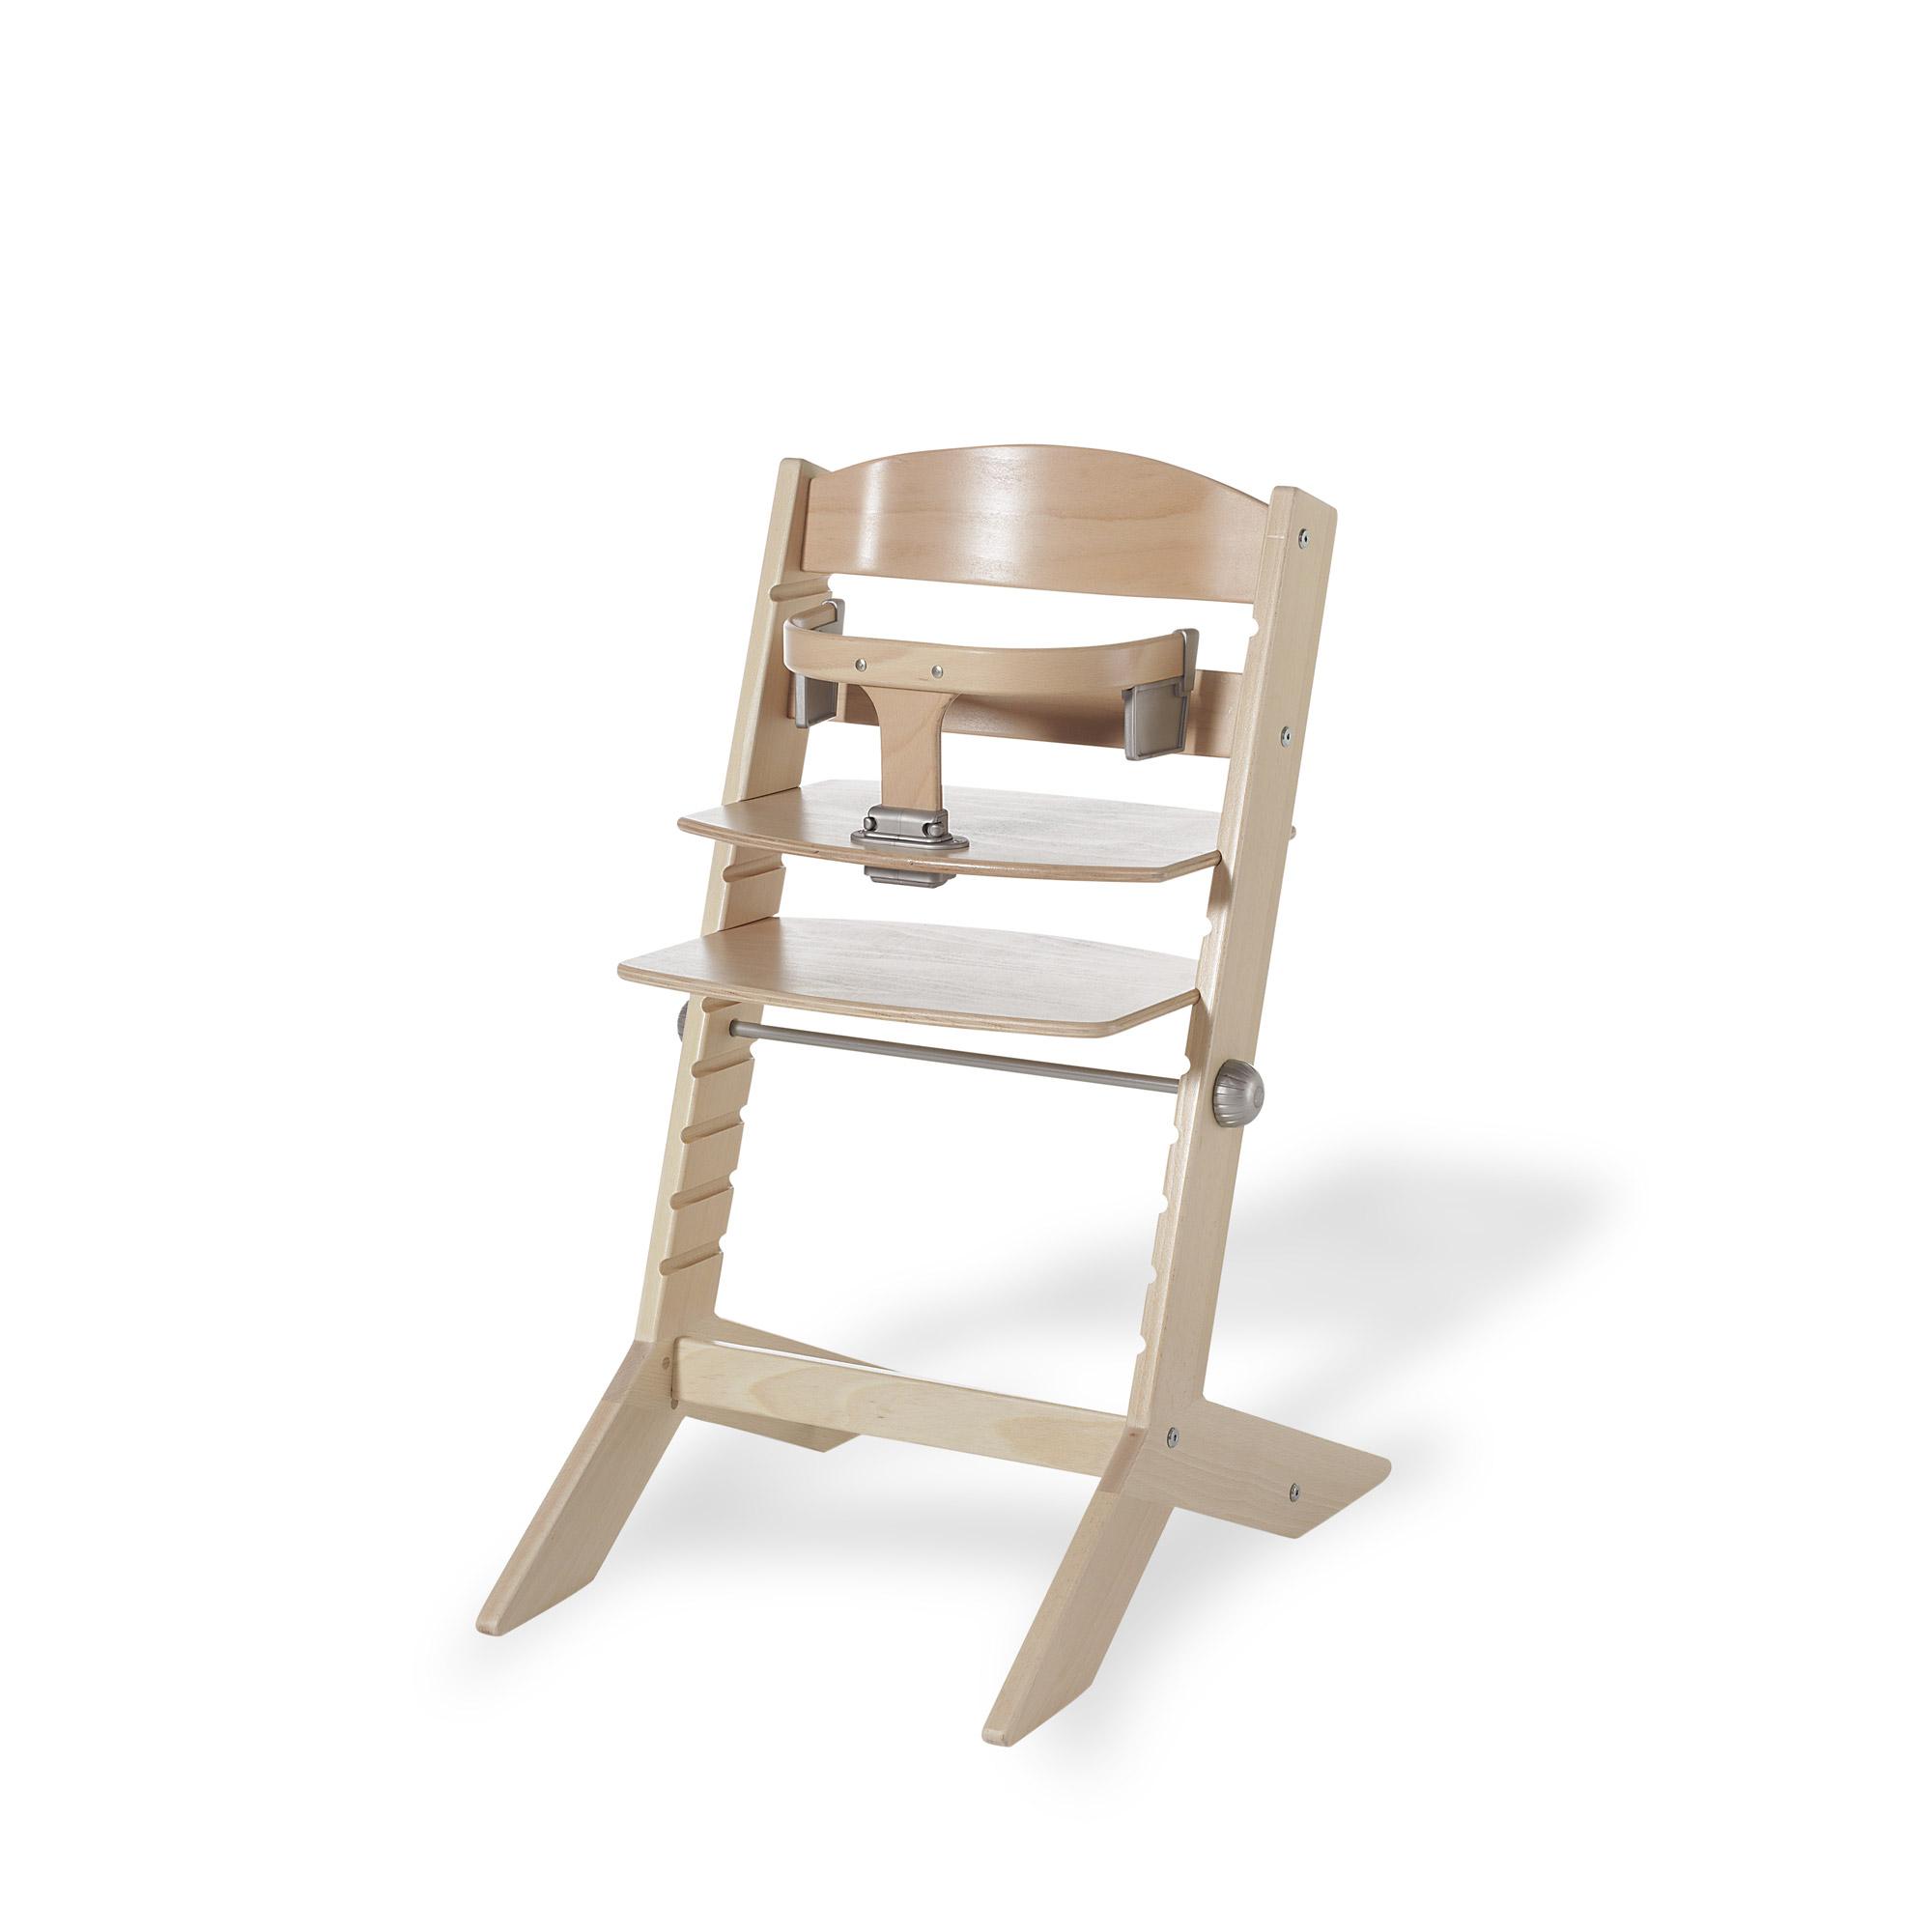 Chaise évolutive Syt avec arceau Naturel